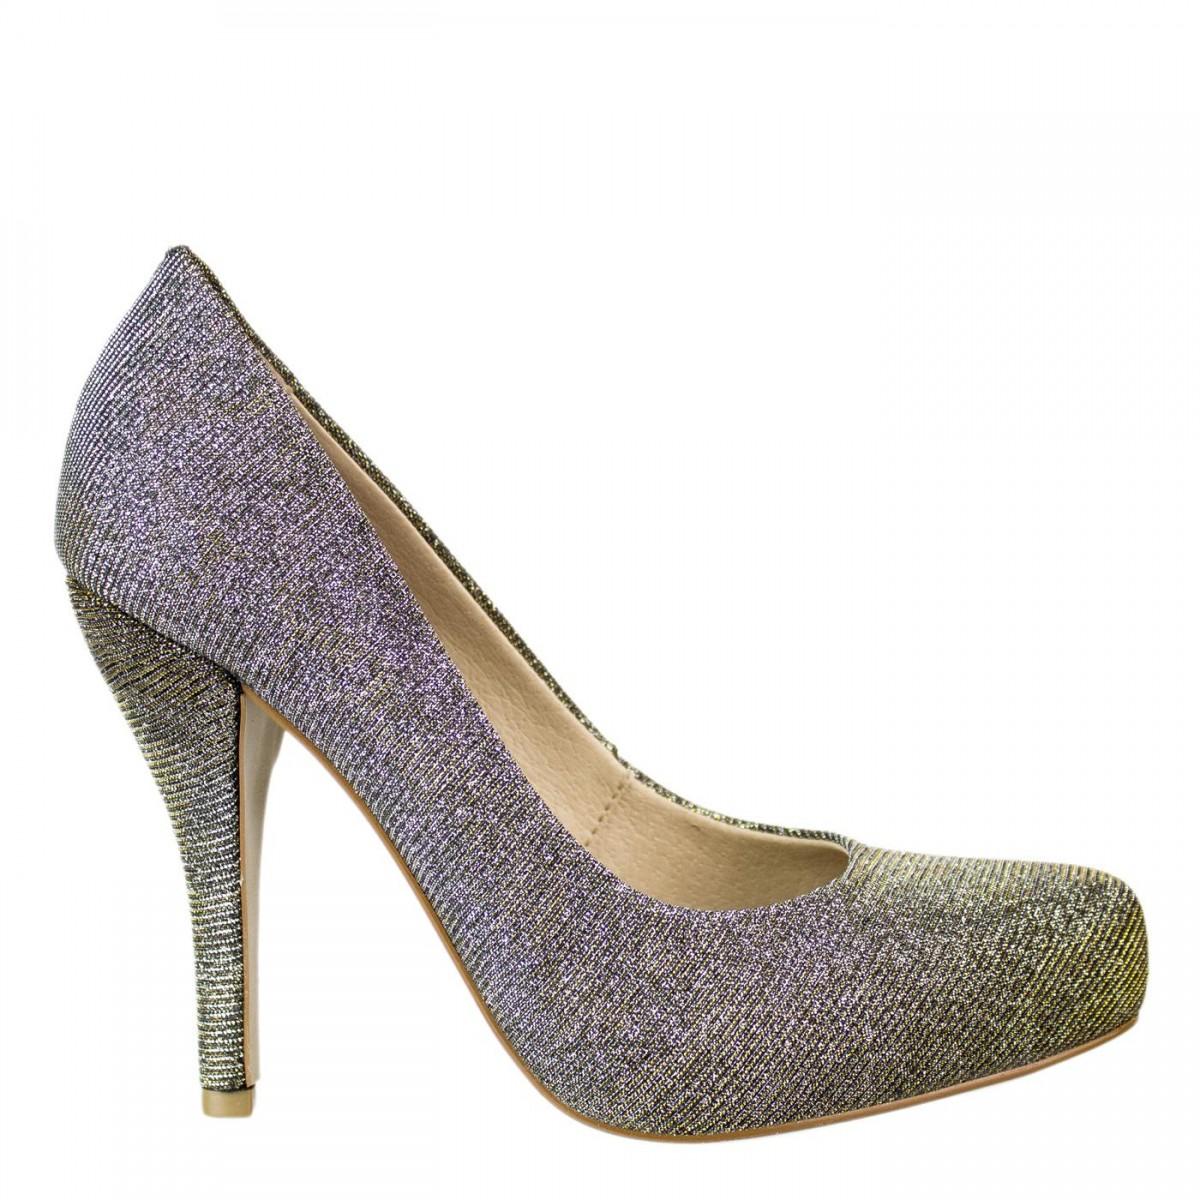 e0ca3273c Bizz Store - Sapato Feminino Miucha Salto Alto Glitter Festa